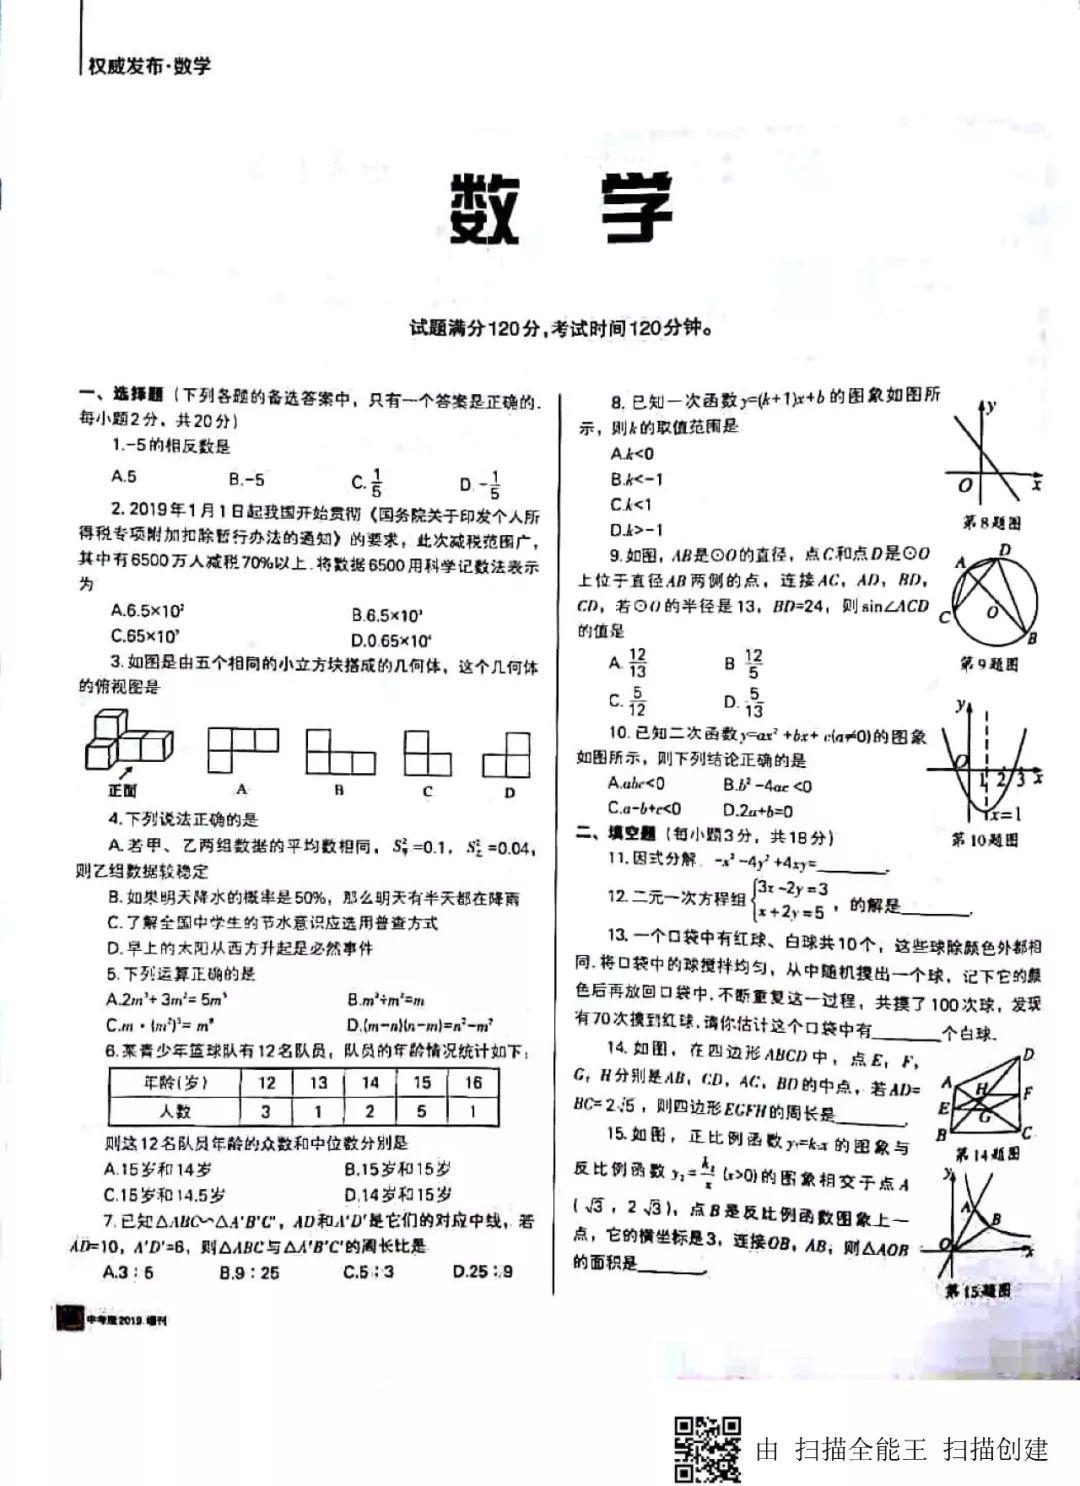 2019年遼寧沈陽中考數學真題及答案【圖片版】